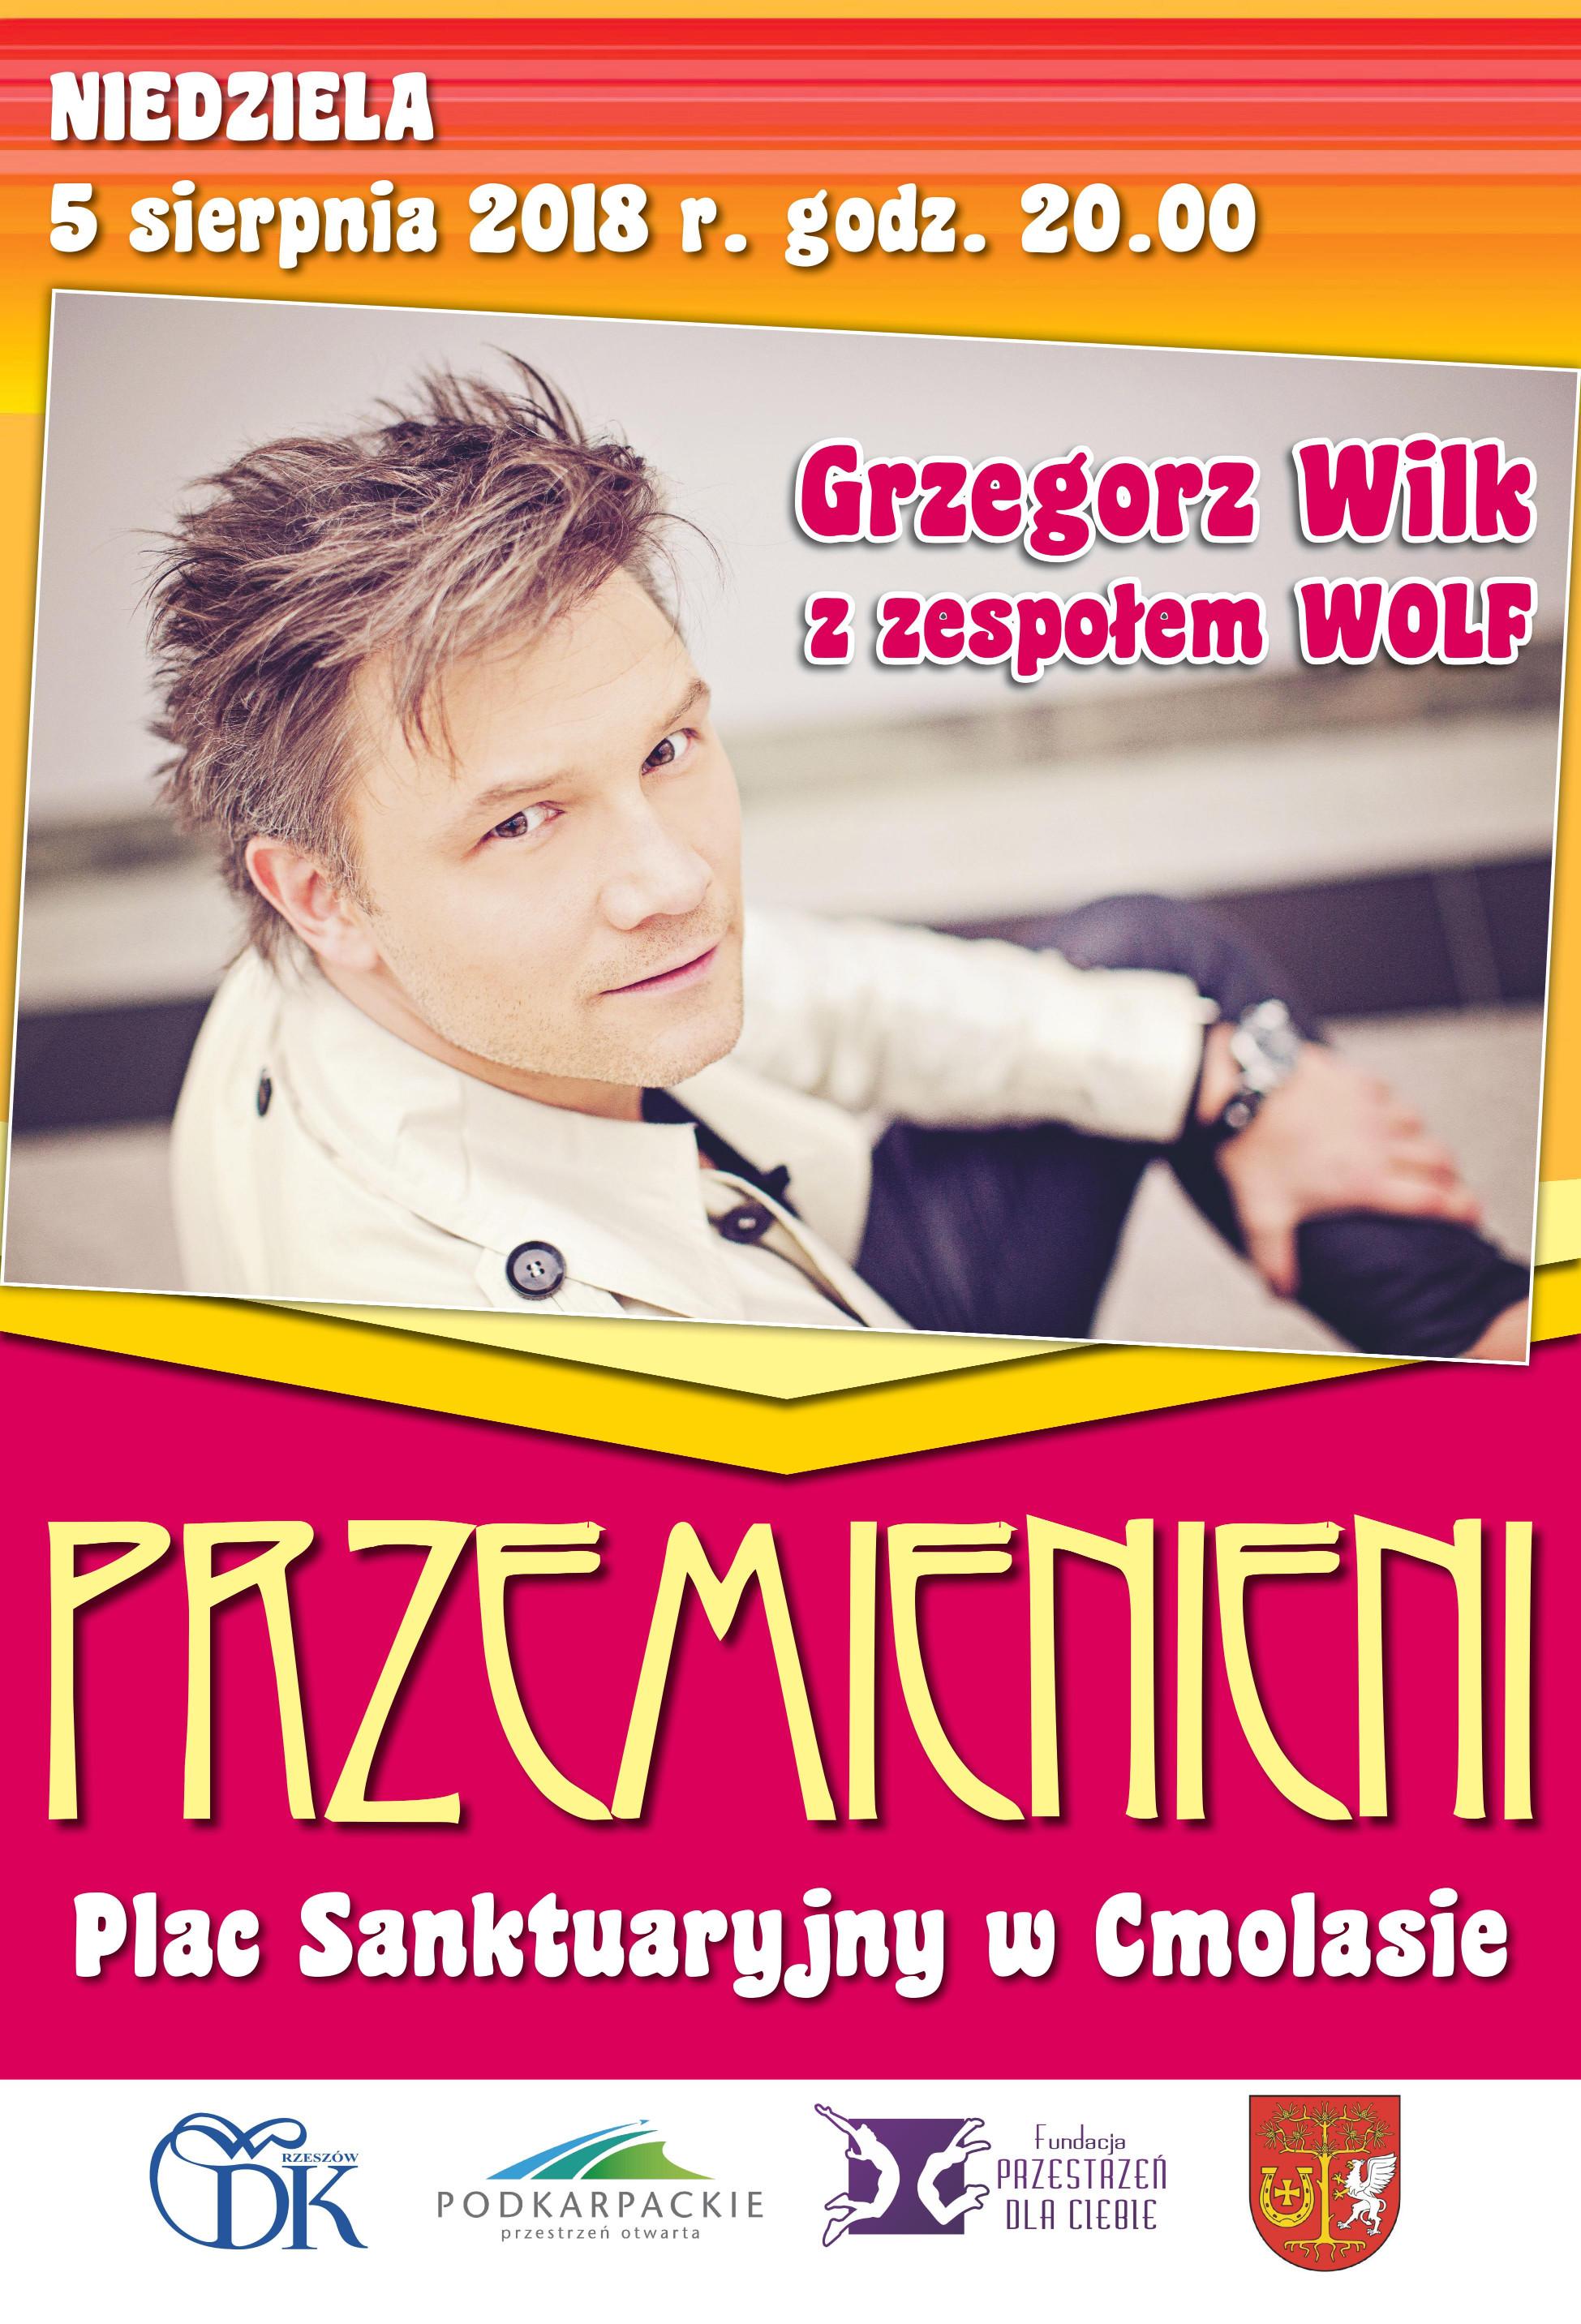 Gmina Cmolas. Koncert Grzegorza Wilka i zespołu Wolf na Placu Sanktuaryjnym w Parafi Cmolas - Zdjęcie główne